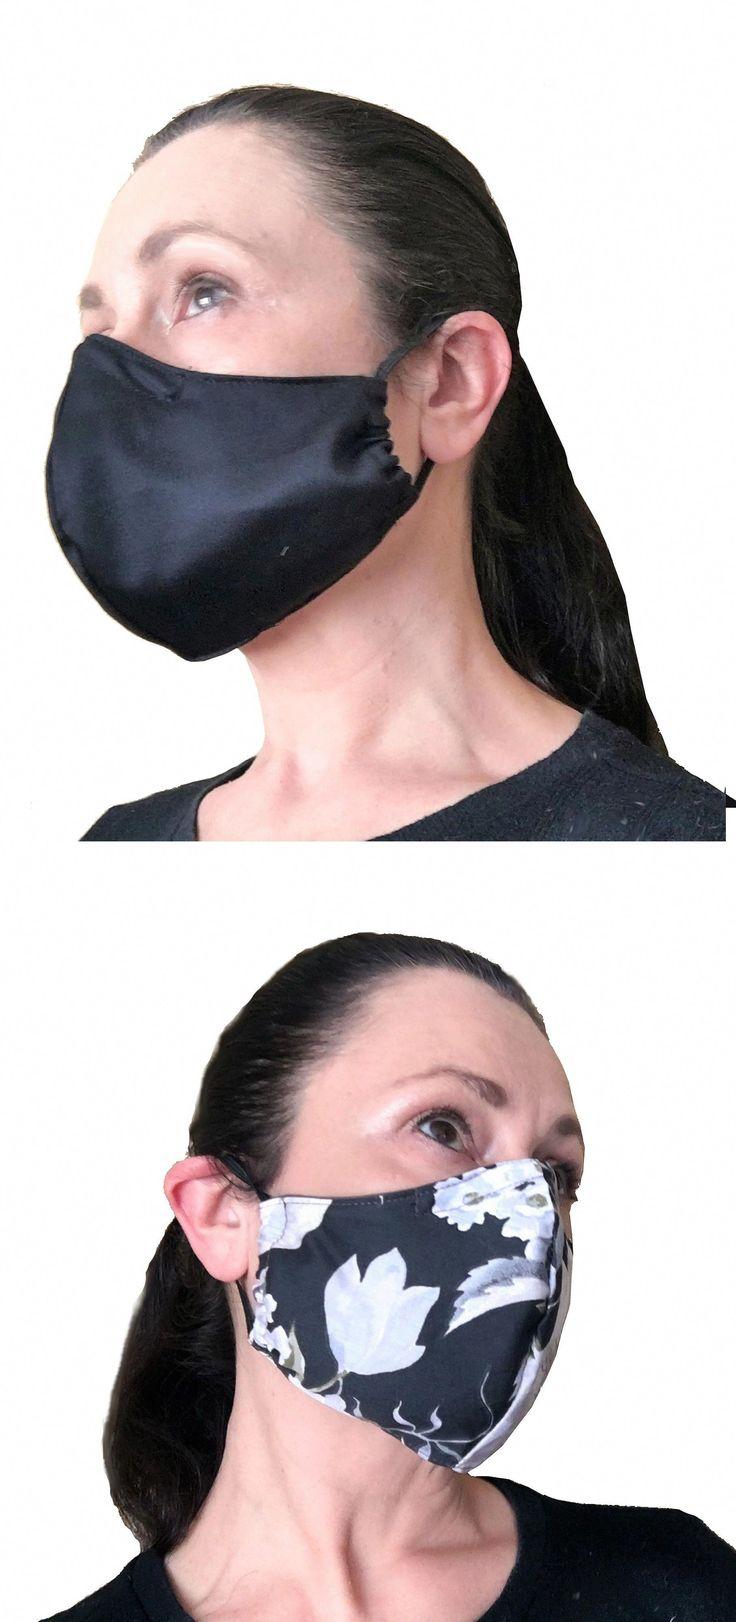 n95 face mask hs code in 2020 Diy face mask, Mask, Face mask